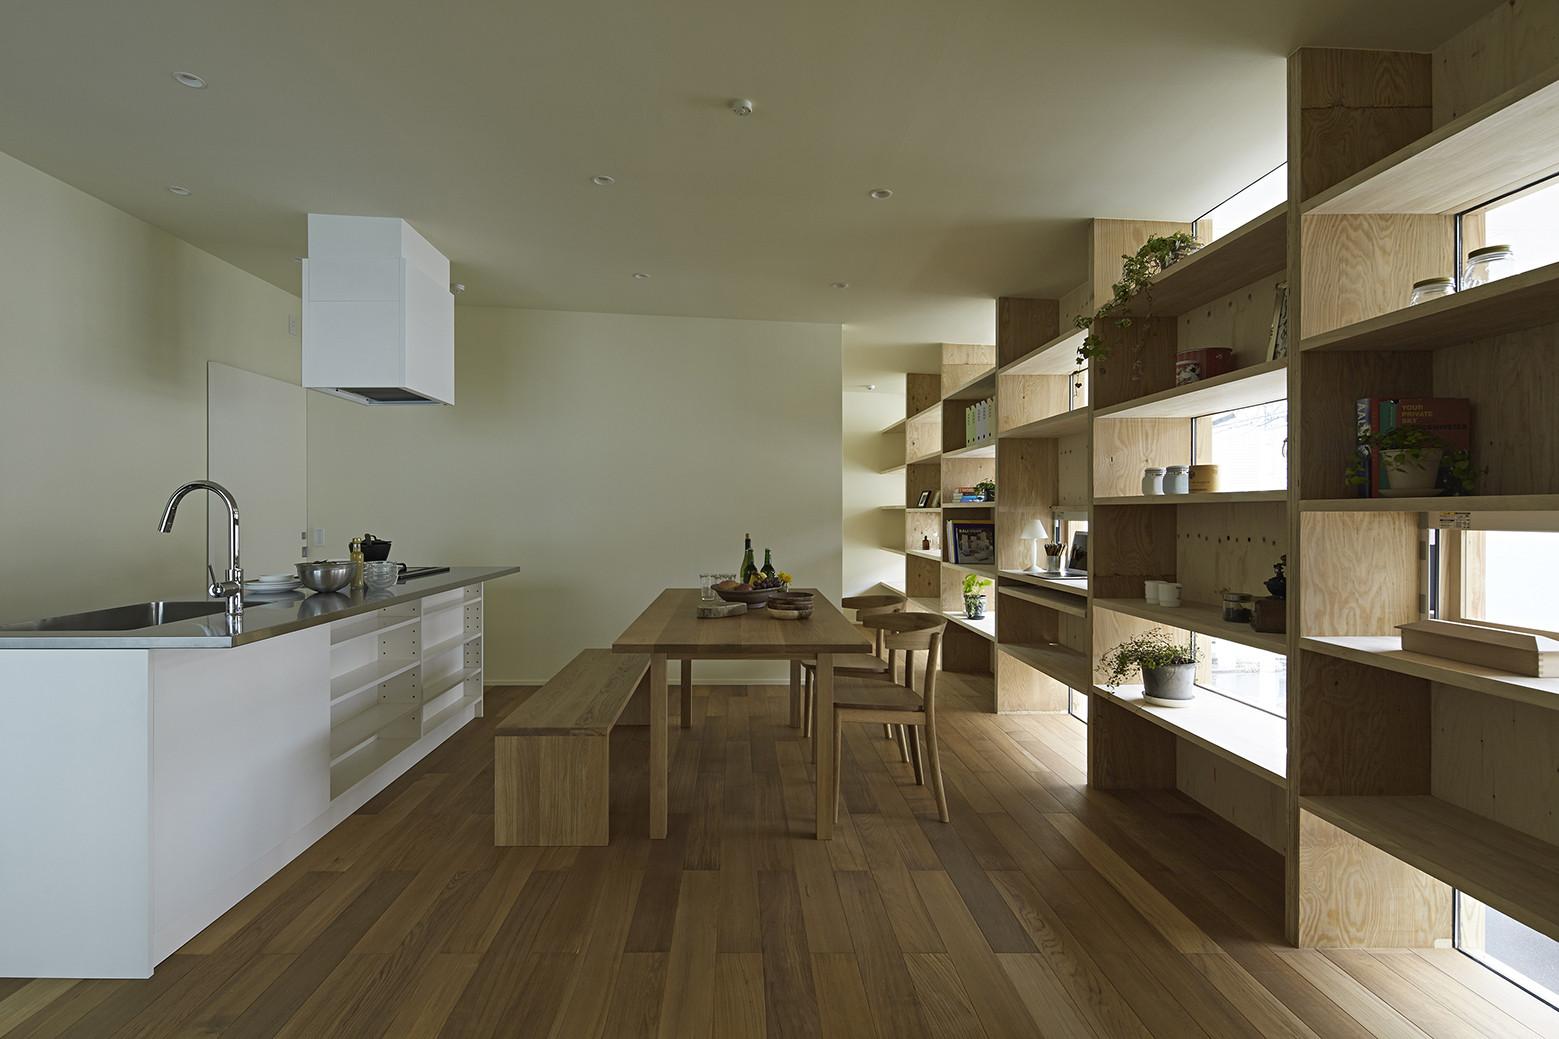 Checkered House / Takeshi Shikauchi Architect Office, © Koichi Torimura